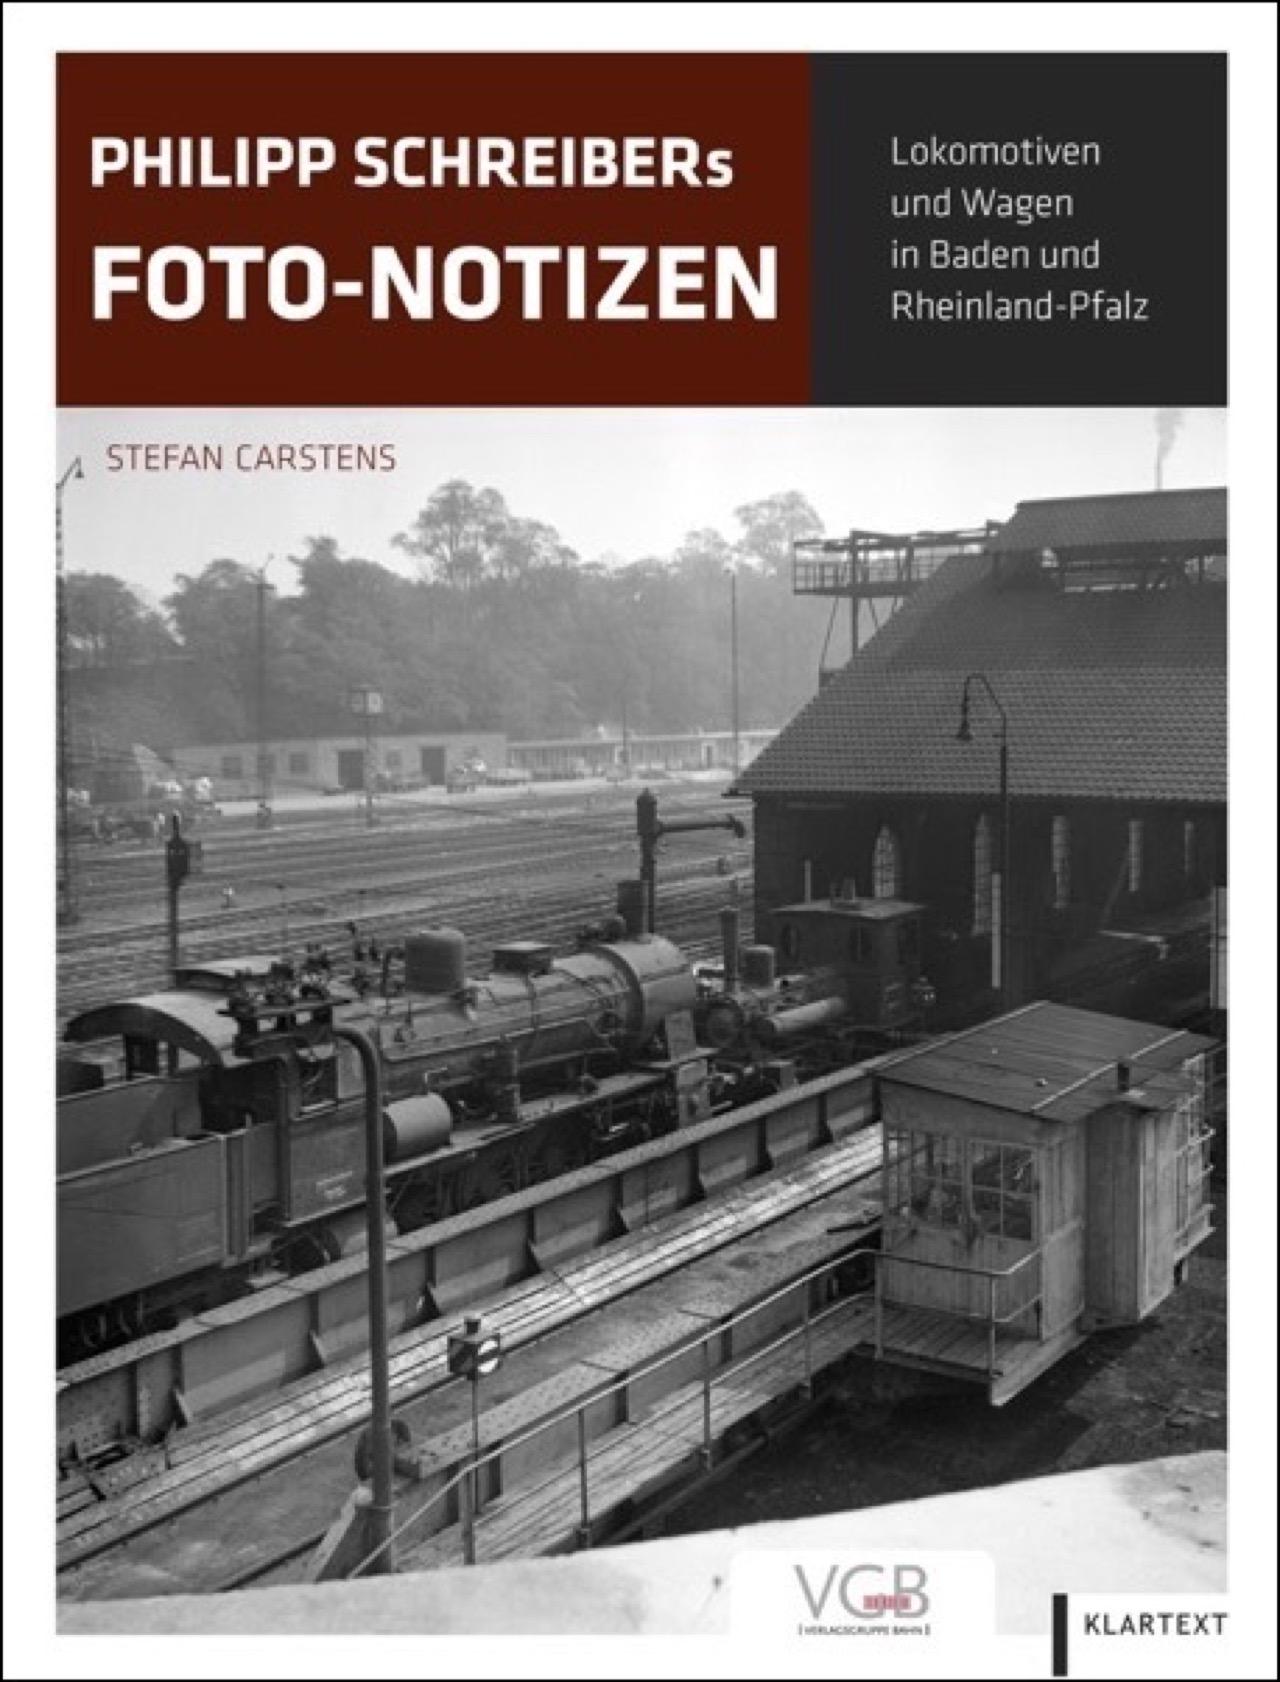 Philipp Schreibers Foto-Notizen